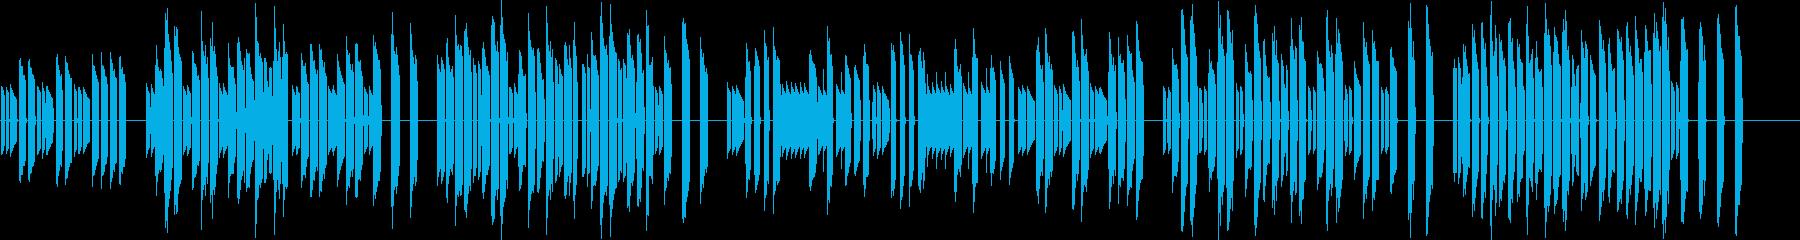 3分クッキングの原曲【シンセ】2の再生済みの波形